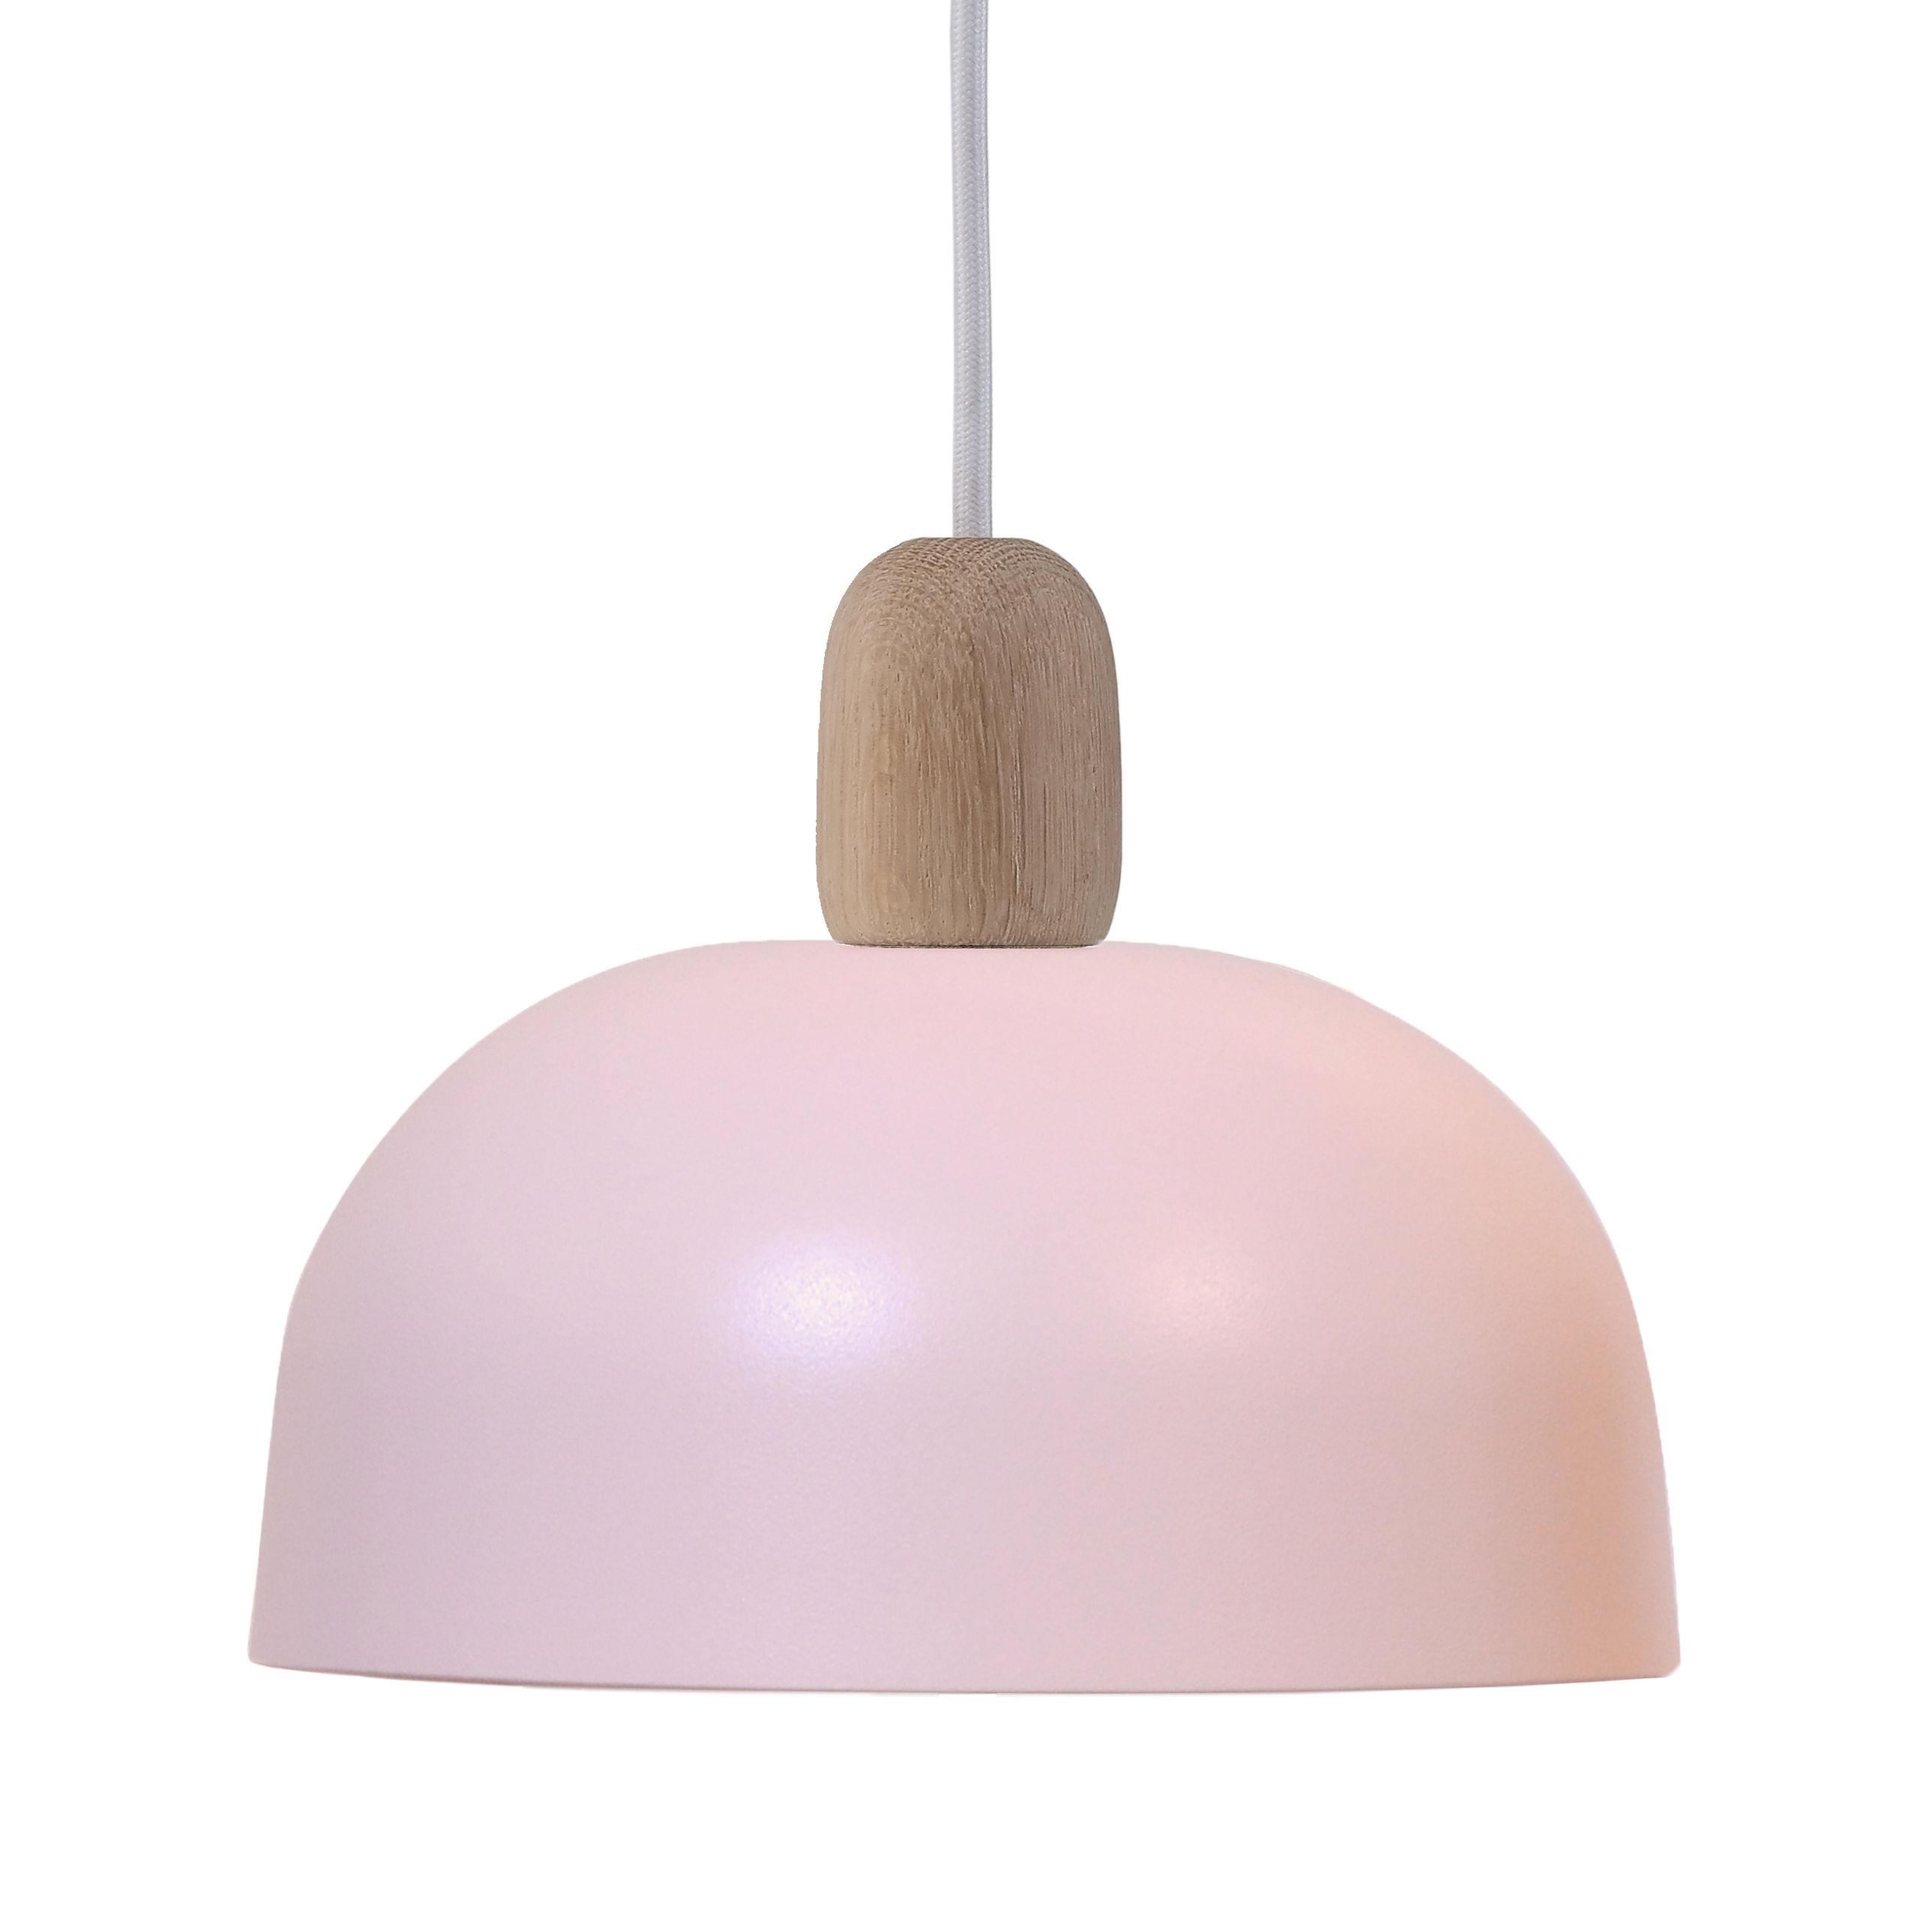 Illuminazione - Lampadari - Sospensione Nina - / Ø 23 cm - Rovere & Metallo di Hartô - Rosa pallido & rovere - metallo laccato, Rovere massello